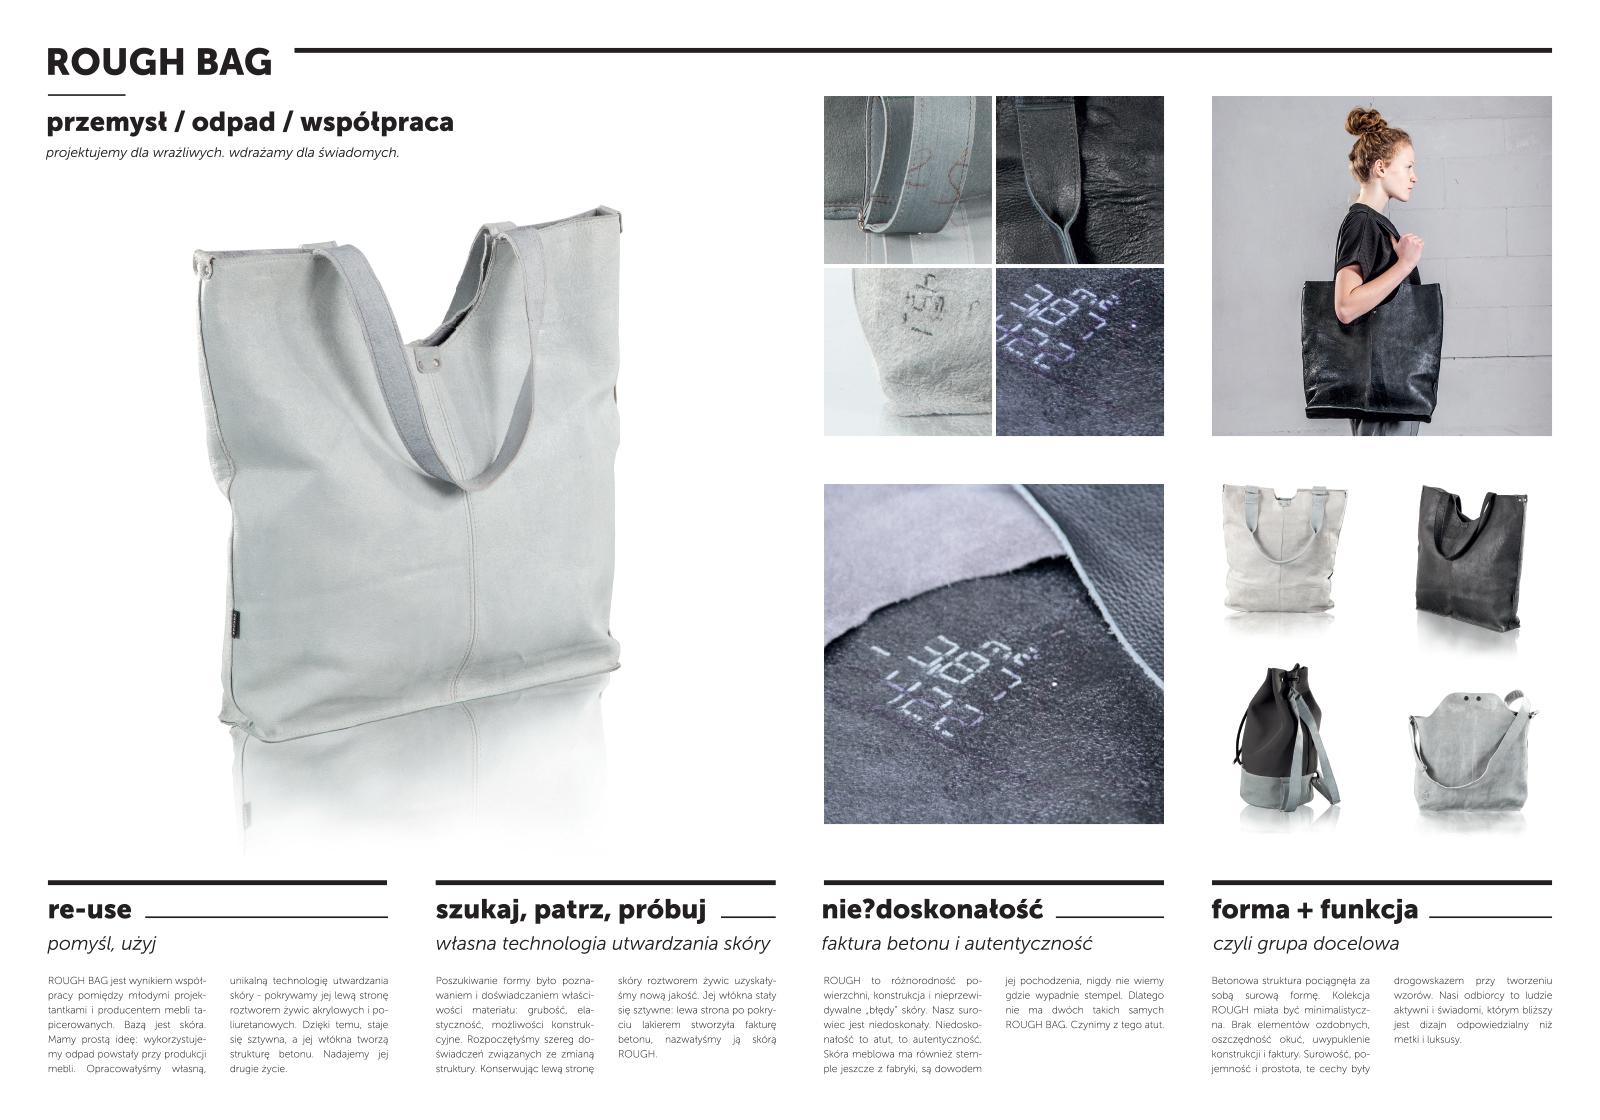 Rough bag - seria toreb z odpadów skór